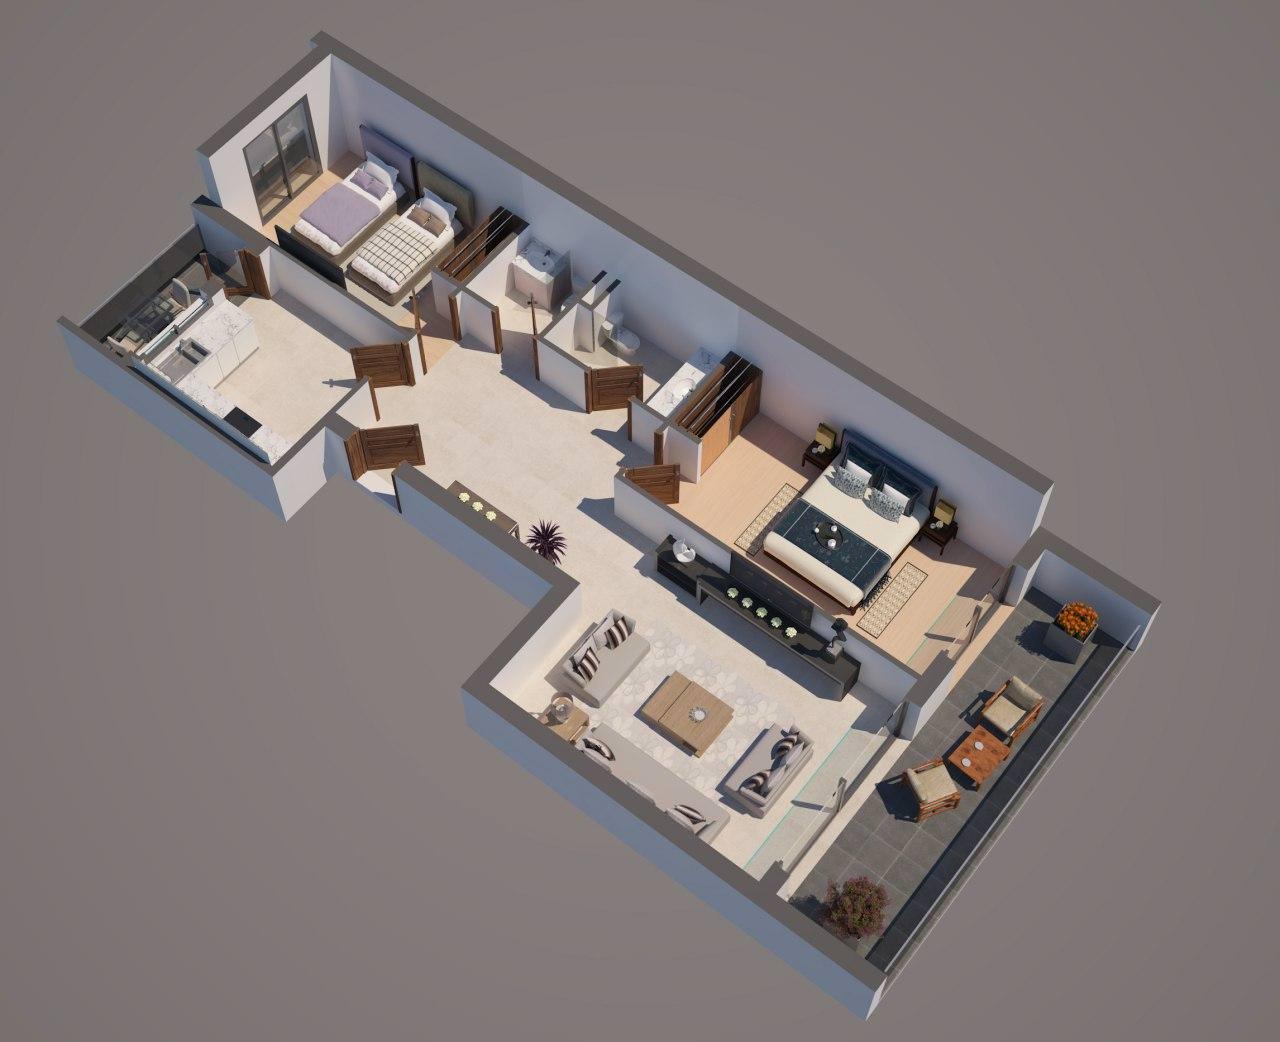 iCom-Agence-de-Communication-au-Maroc-Casablanca-creation-site-web-images-3d-architecture2020-05-27 at 5.17.23 PM 4